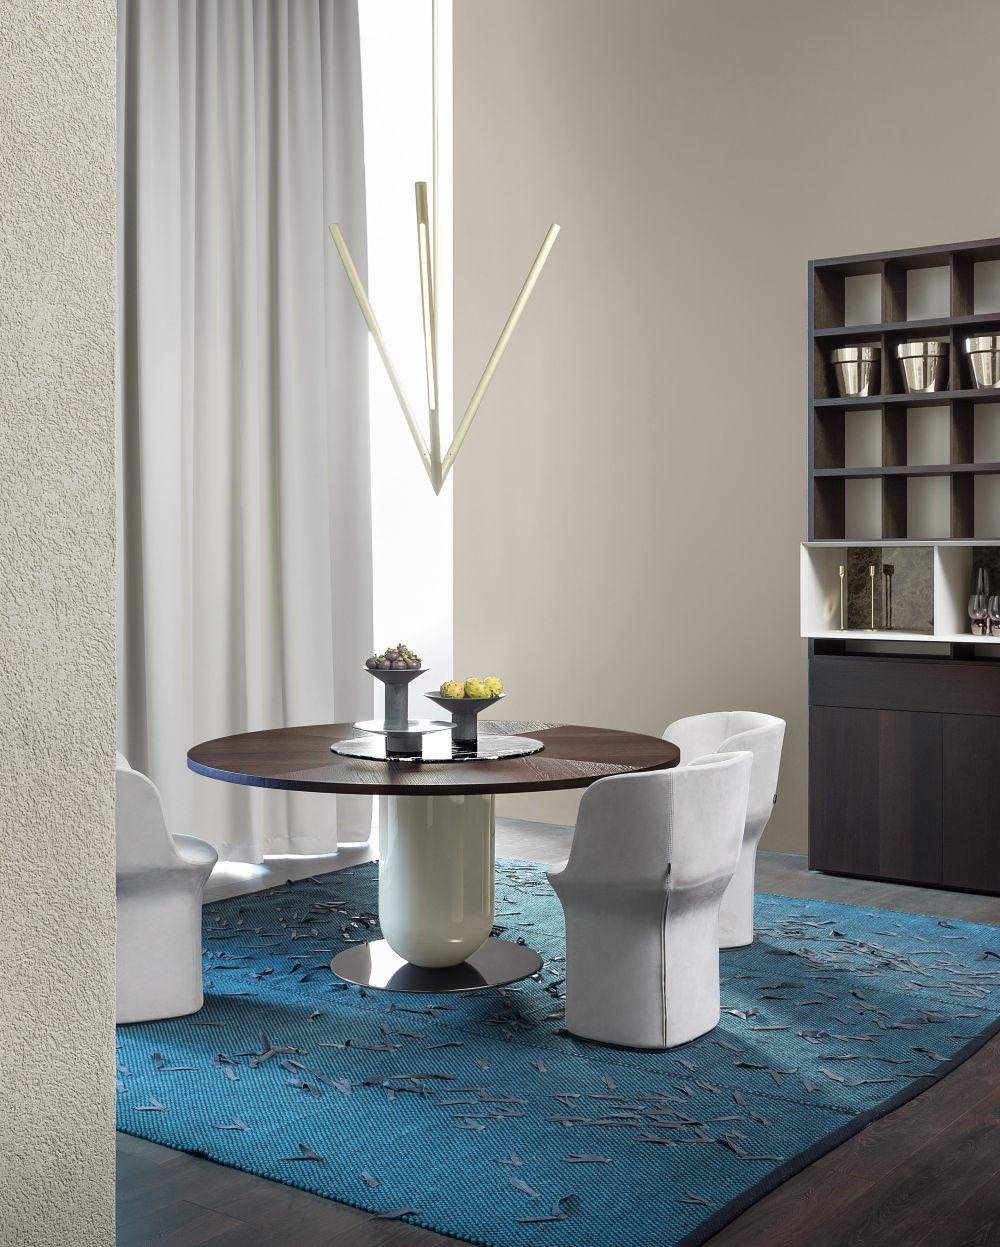 כסאות esse ושולחן ettore